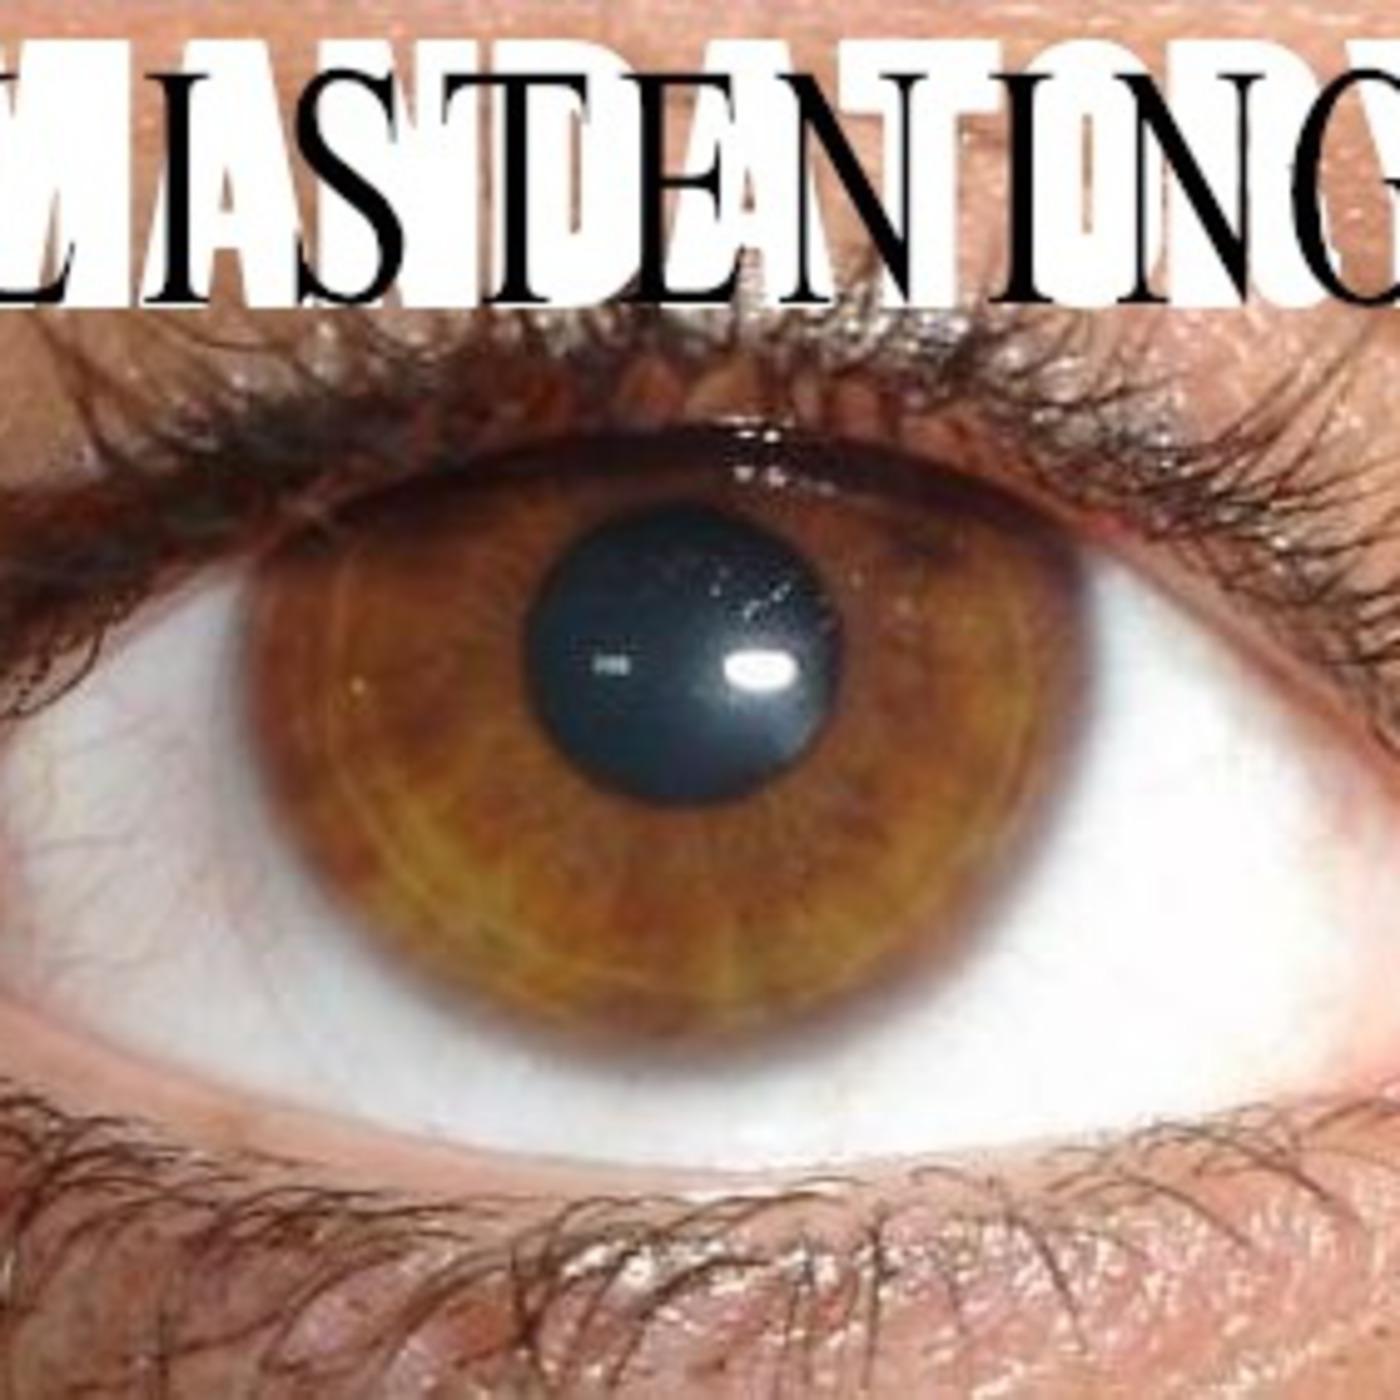 Mandatory Listening